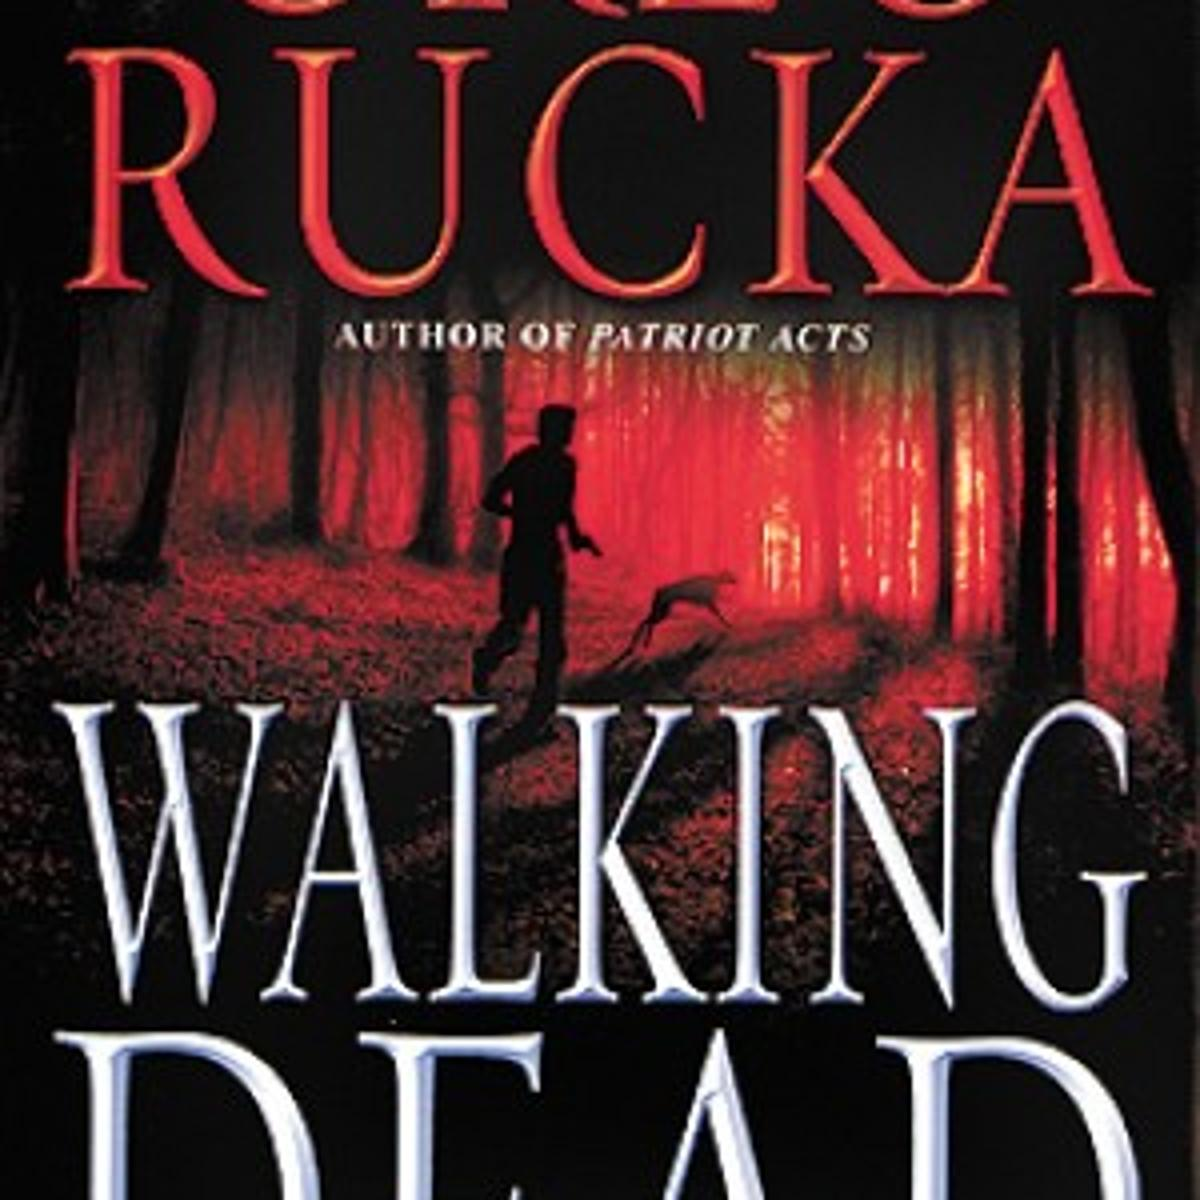 Walking Dead' a thriller about human trafficking | Entertainment |  journalstar.com